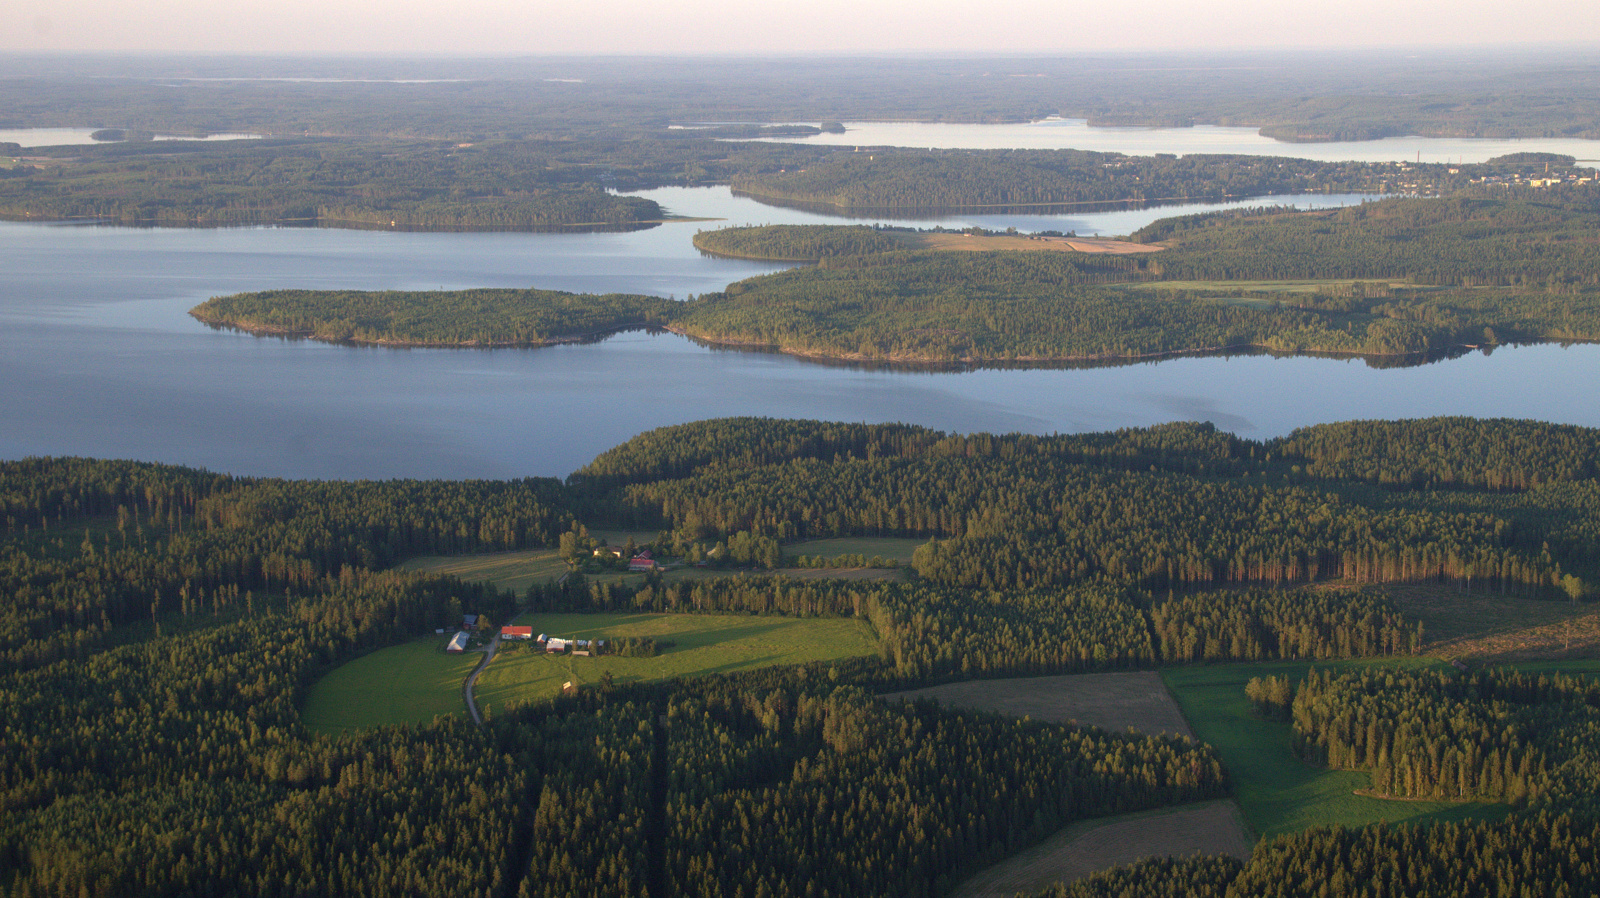 Näkymä Soliskylältä Viitasaaren keskustan ja Salonpään niemimaan suuntaan.